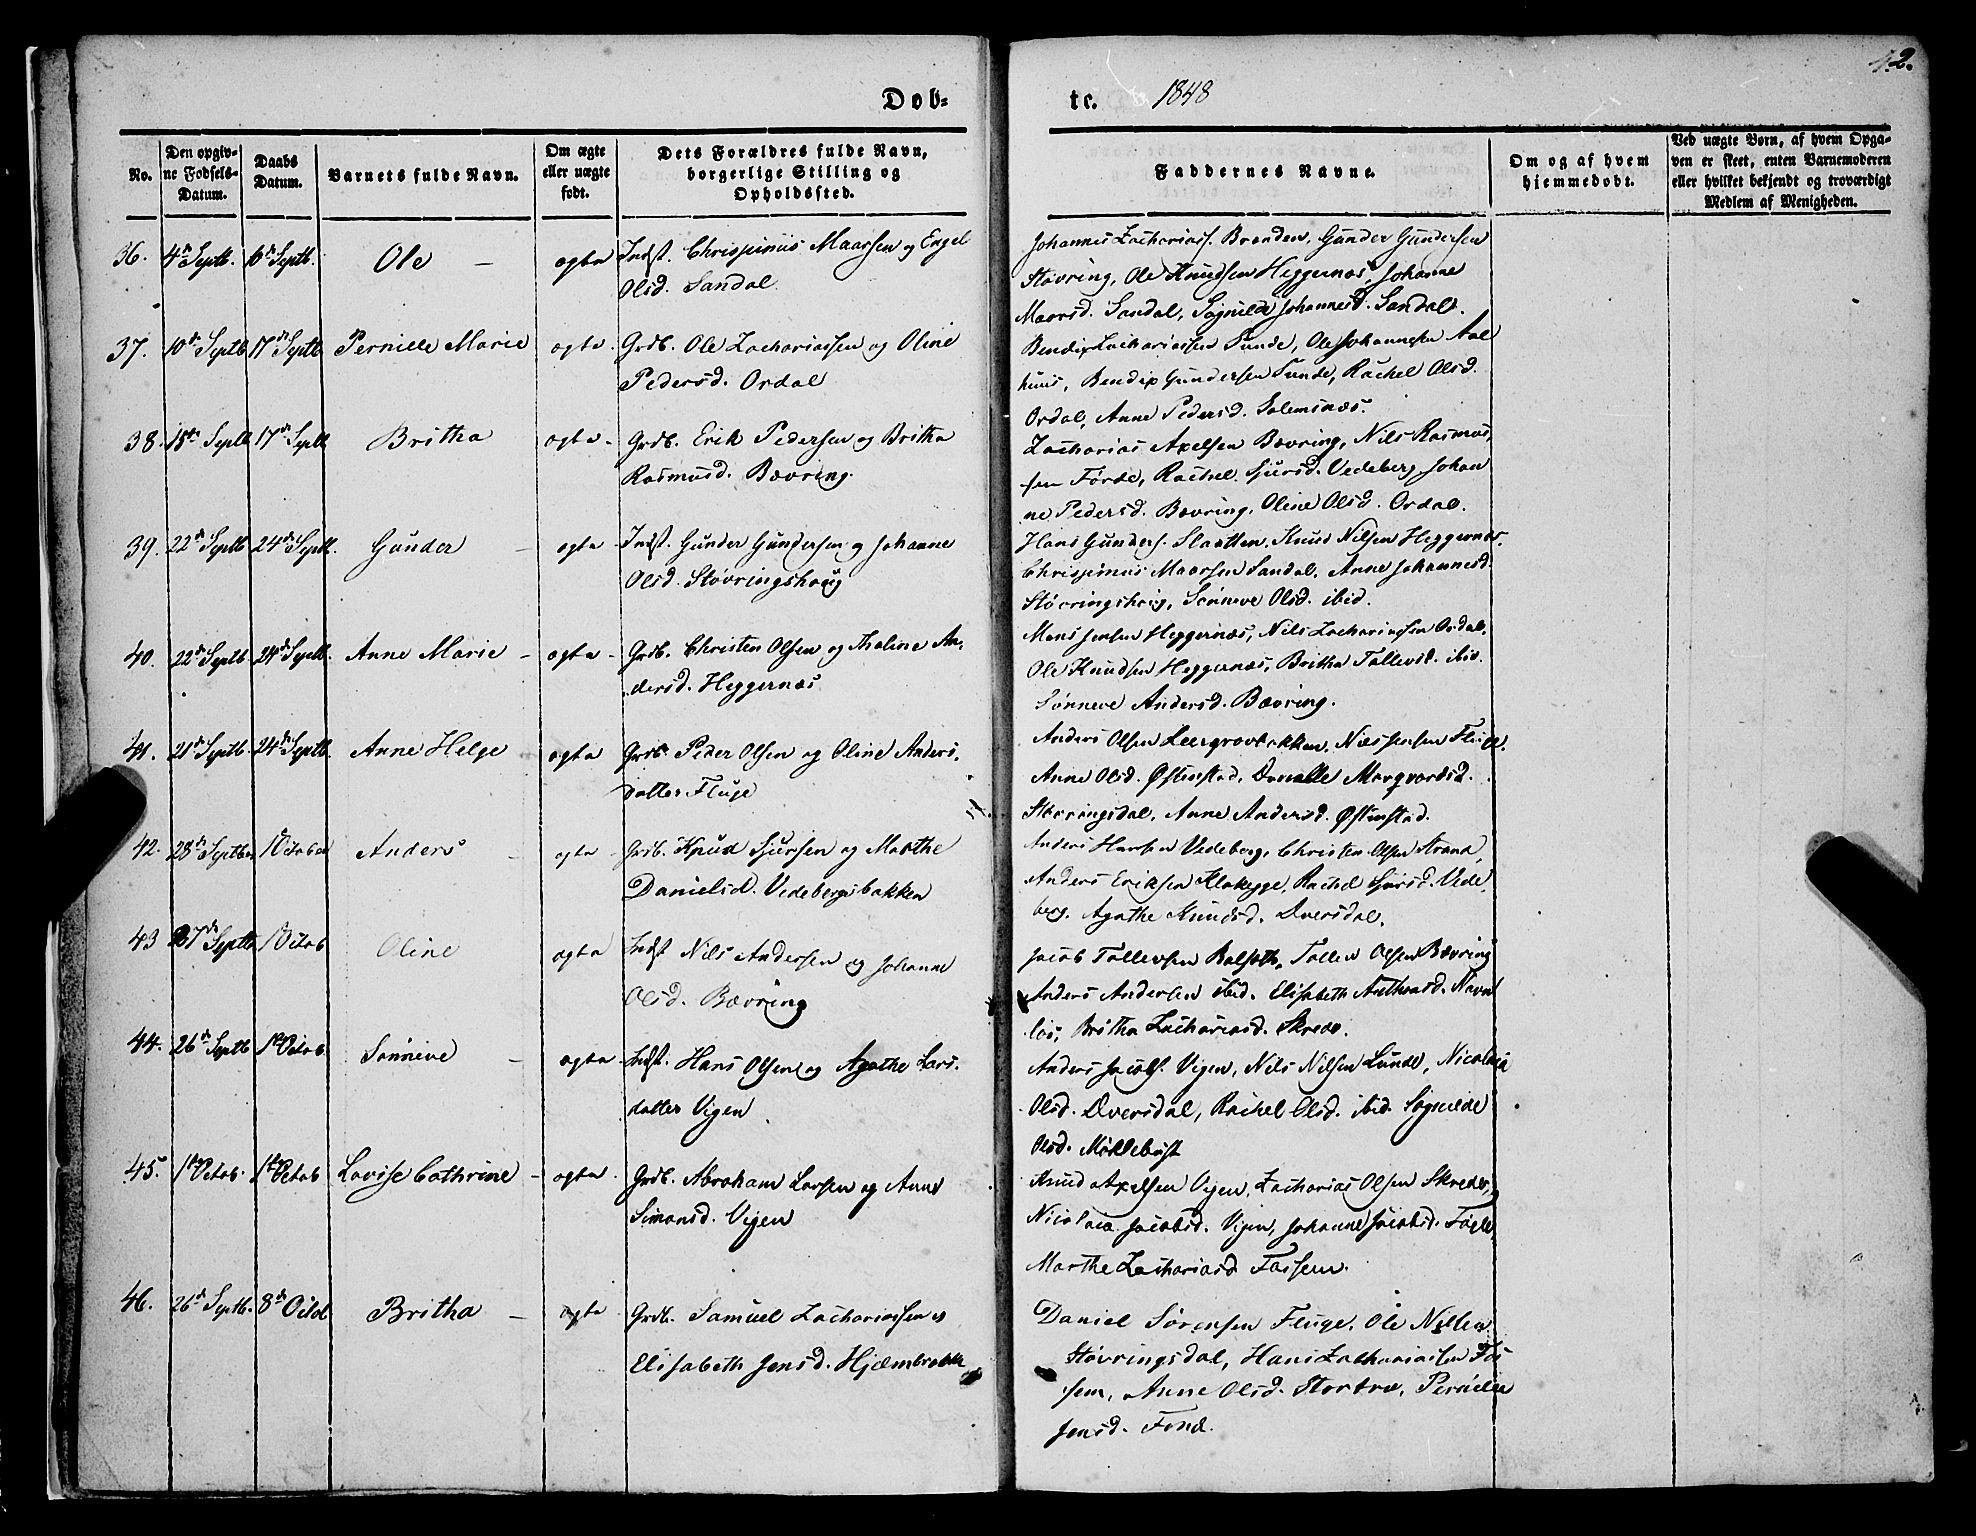 SAB, Jølster Sokneprestembete, Ministerialbok nr. A 10, 1847-1865, s. 2